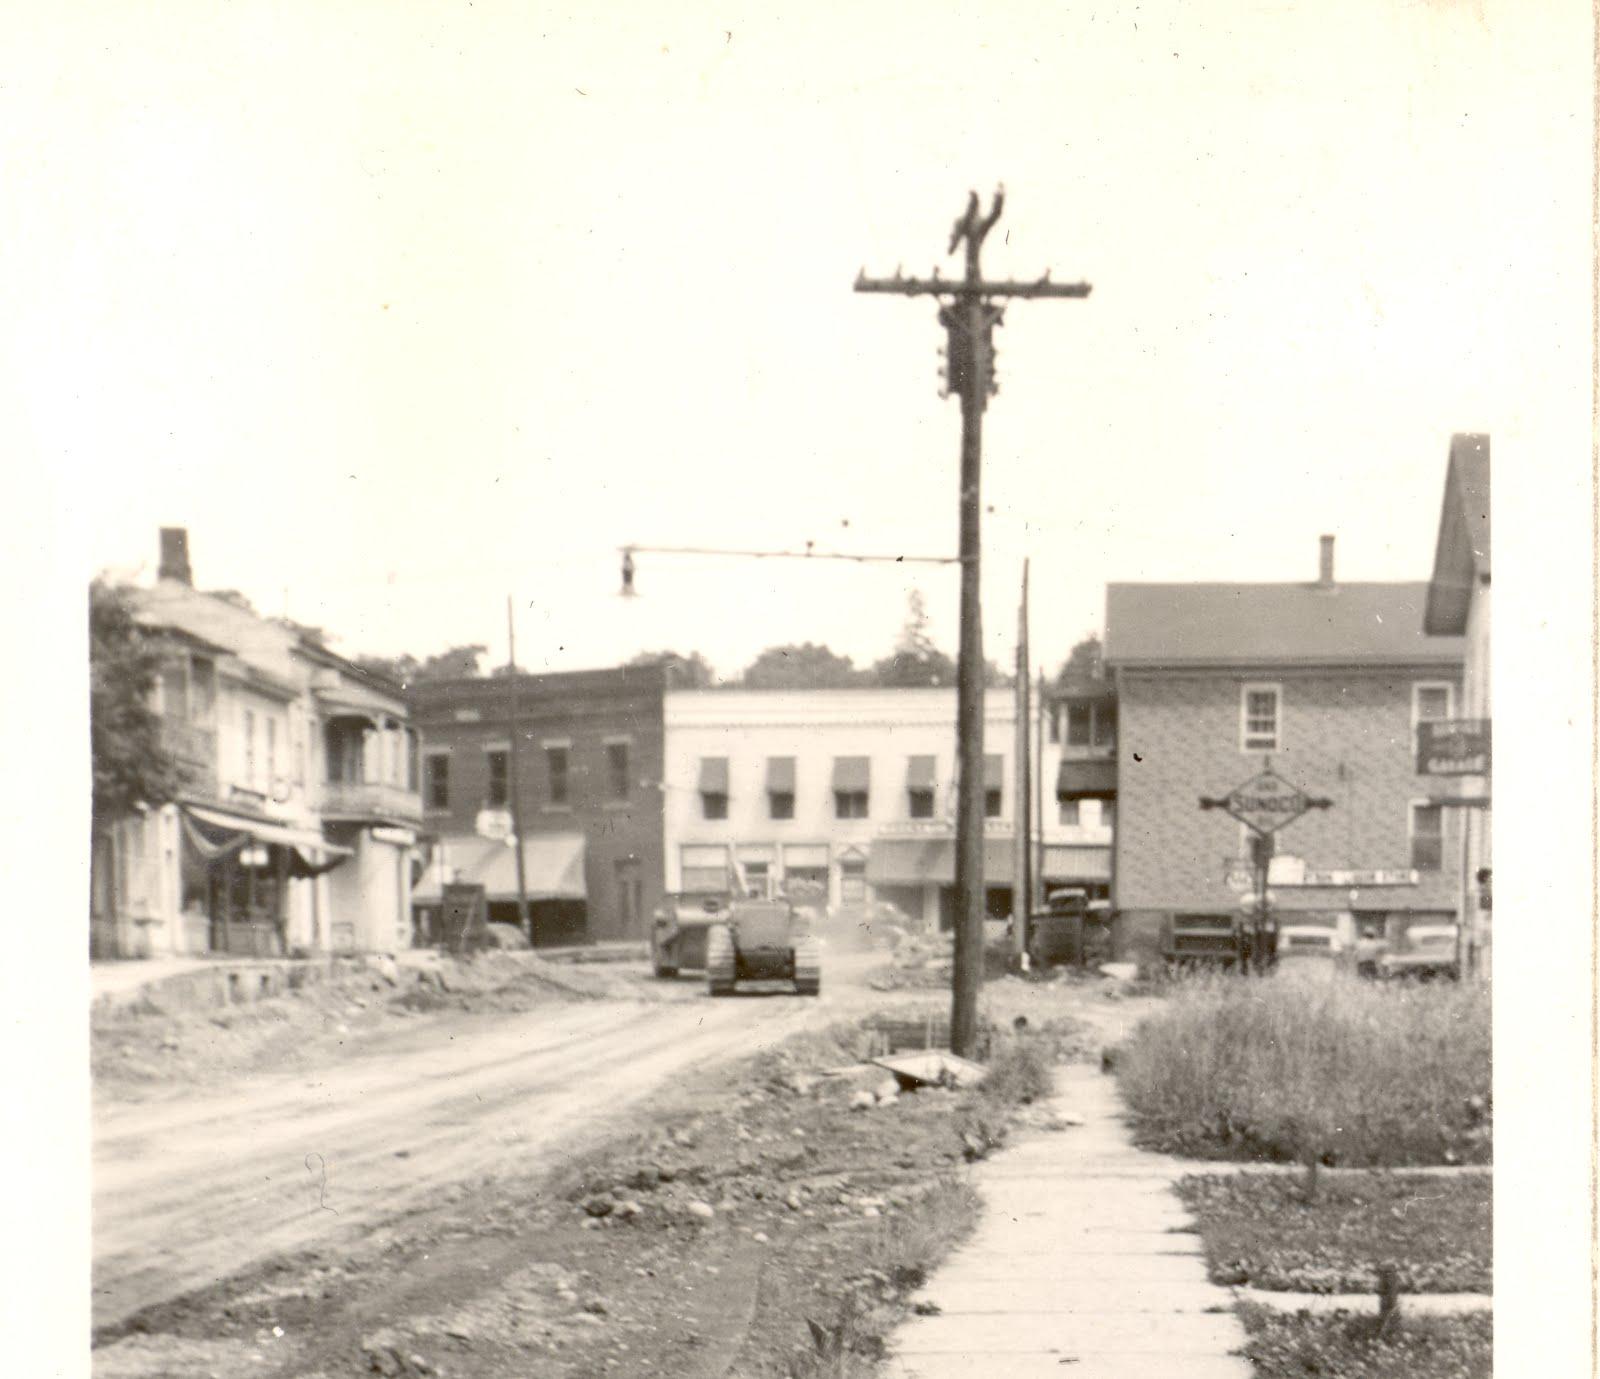 Lock 52 Historical Society Of Port Byron Ny 1947 Road Work